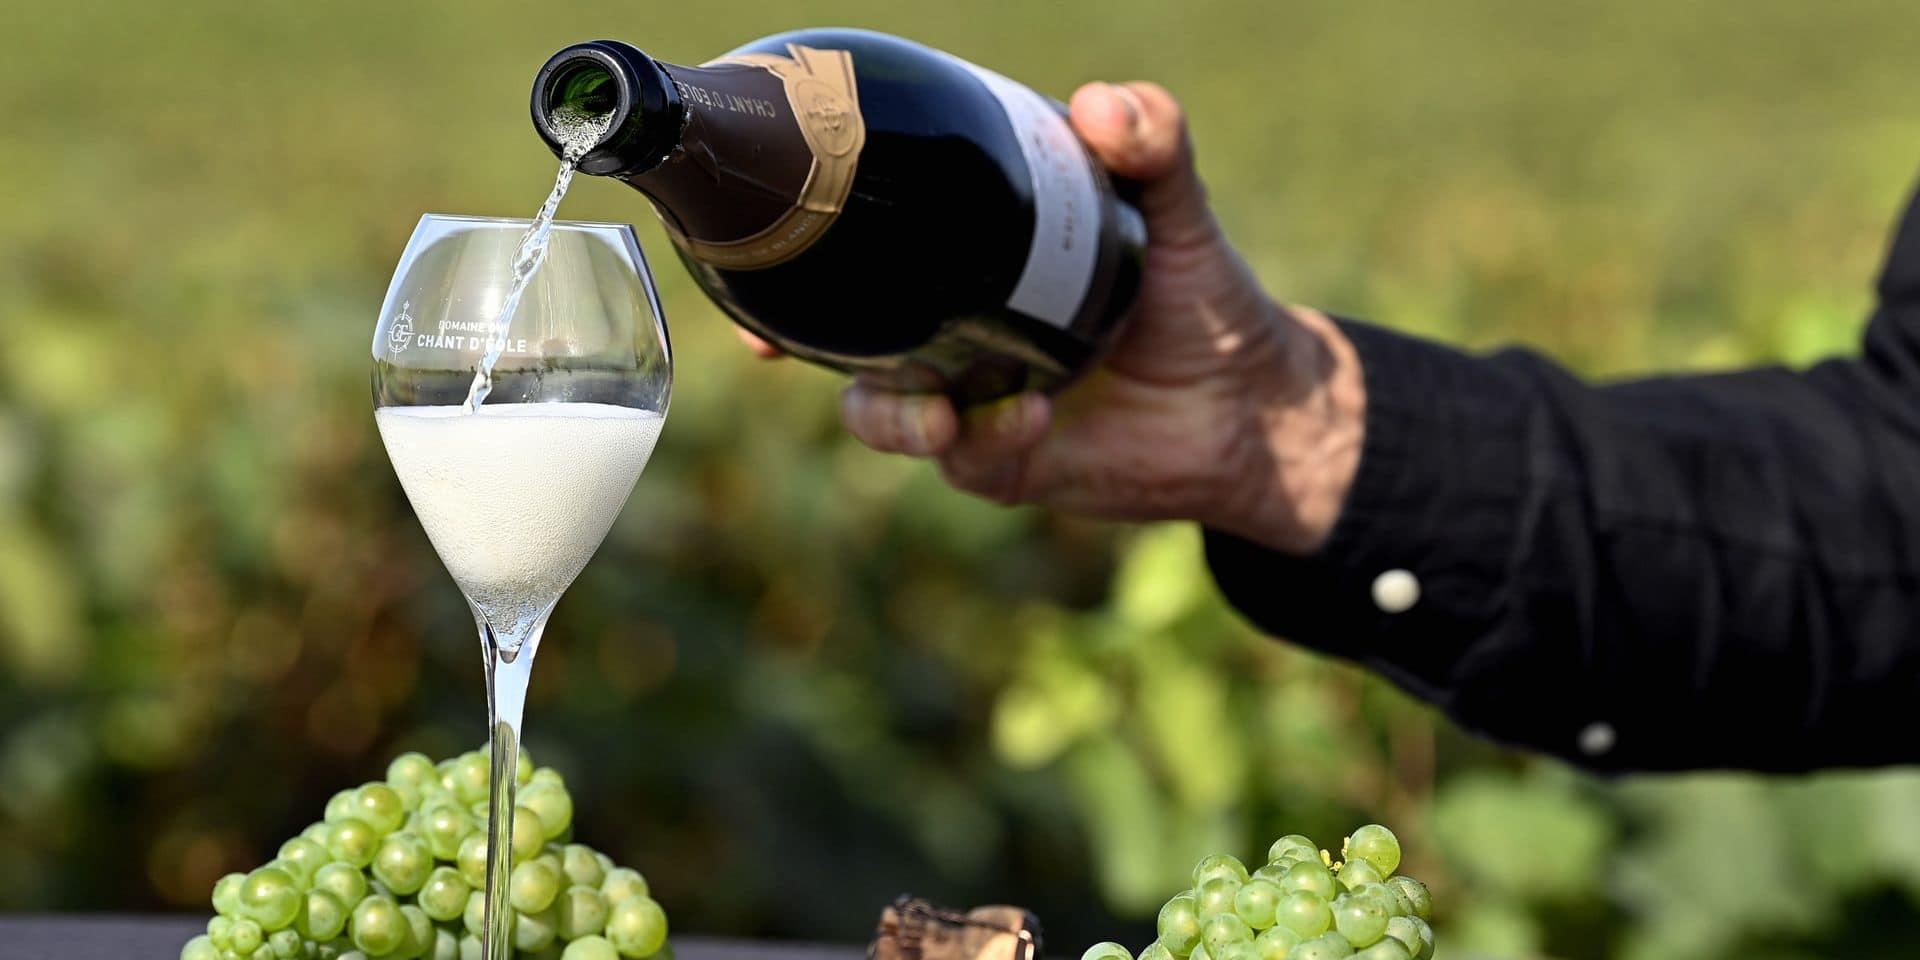 Le mousseux belge rivalise-t-il avec le champagne?